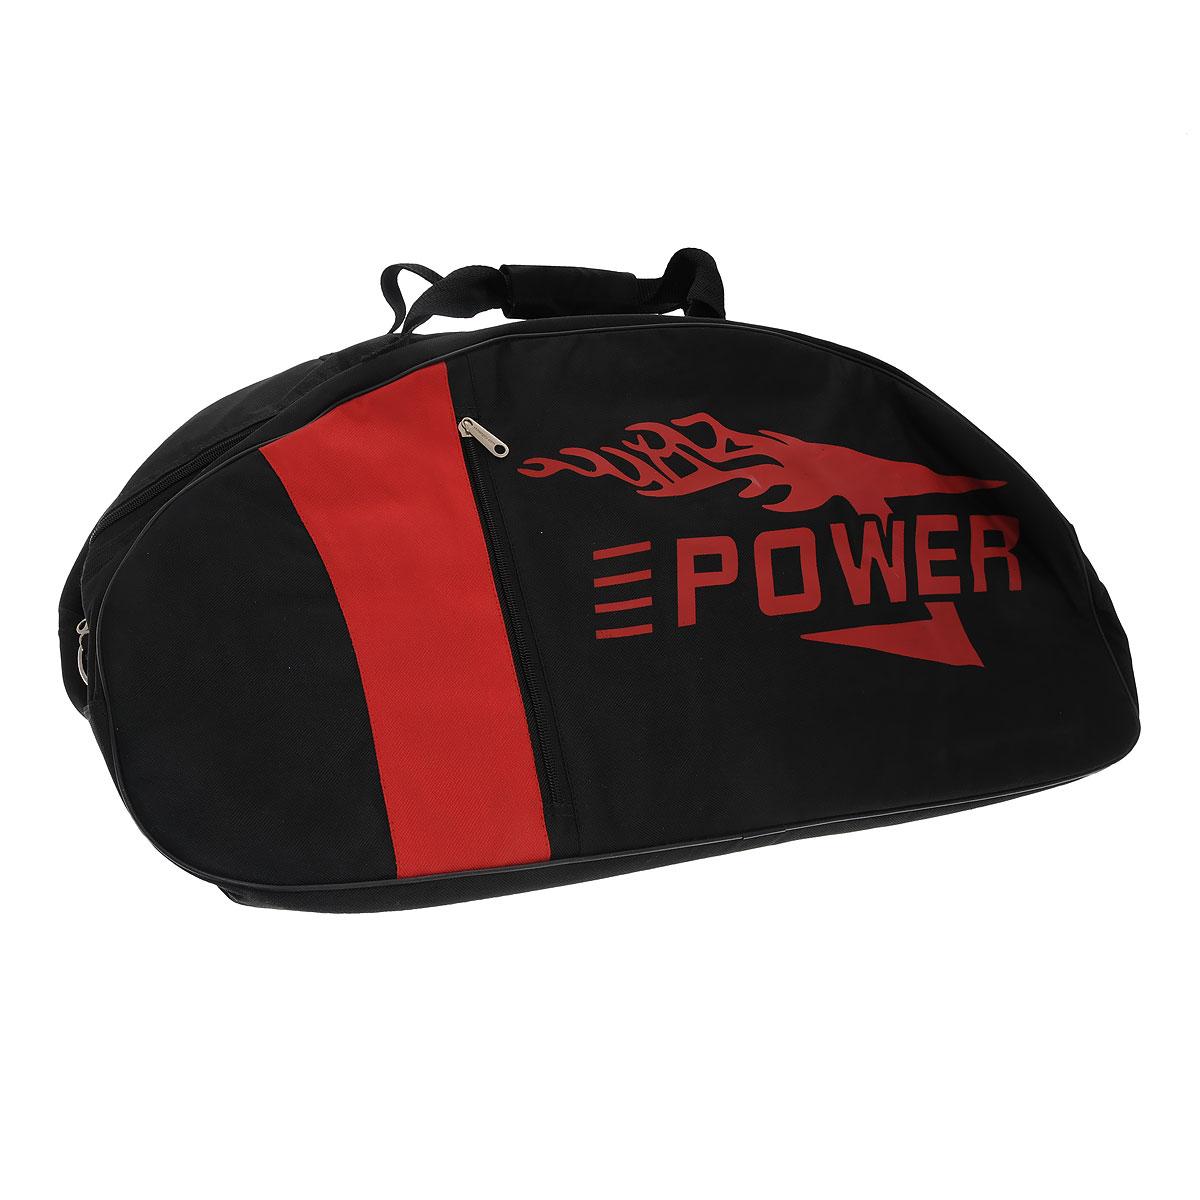 Сумка-чехол для детских джамперов Power, цвет: черный, красныйCarry bag JrСумка-чехол для детских джамперов Power - это вместительная сумка, в которой удобно переносить джамперы, комплект защиты и спортивную одежду для тренировок. Сумка выполнена из прочного материала черного и оранжевого цветов, содержит одно отделение и закрывается на застежку-молнию с двумя бегунками. Стенки сумки уплотнены, что поможет избежать повреждения оборудования при возможных ударах. С двух сторон на сумке расположены вертикальные прорезные карманы на застежках-молниях. Сумка оснащена двумя ручками для переноски и съемным плечевым ремнем, регулирующимся по длине. Характеристики: Материал: текстиль, пластик, металл. Размер: 64 см х 32 см х 22 см.